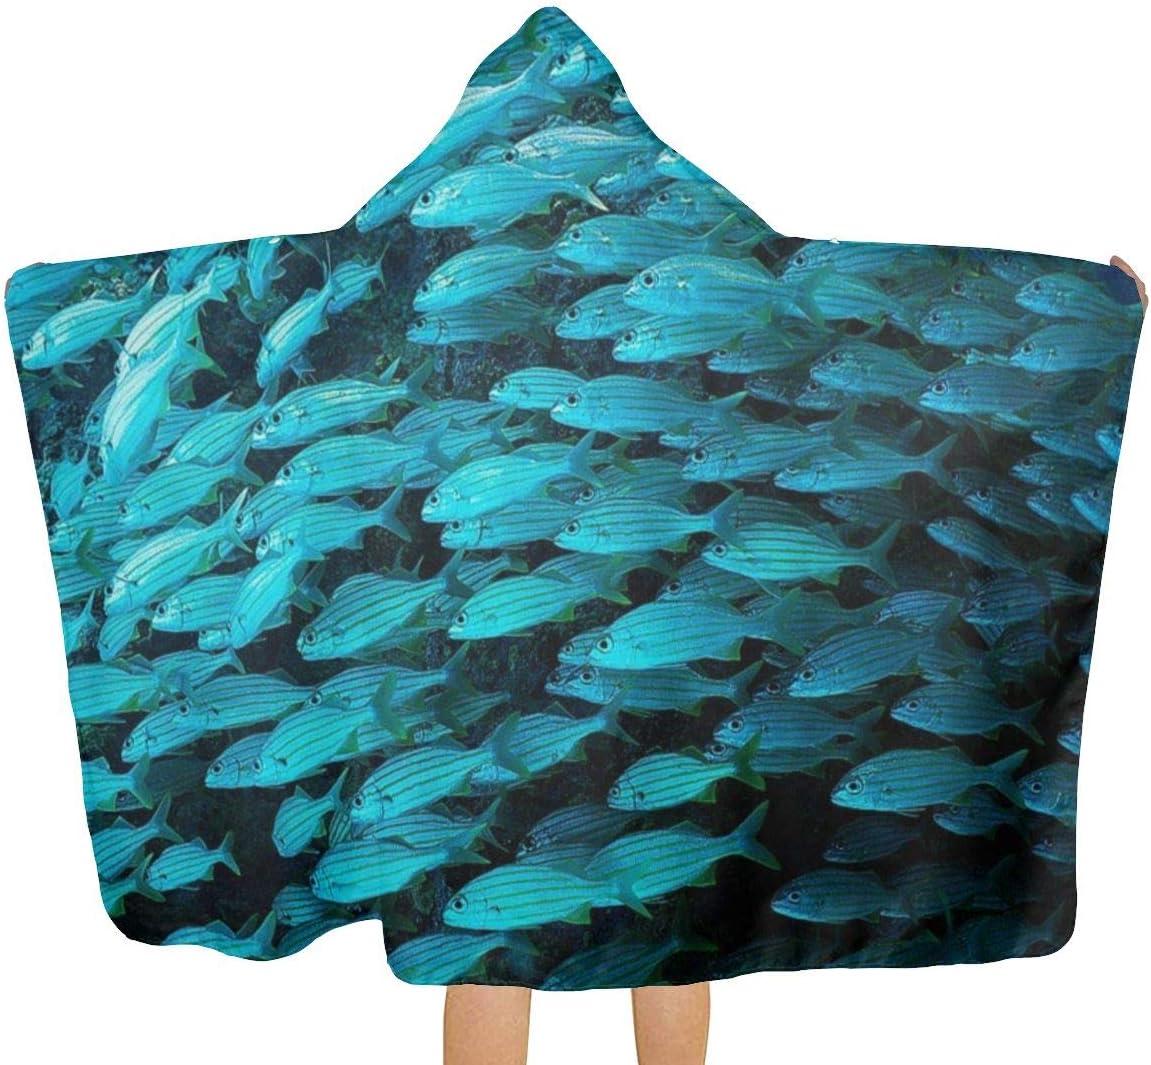 Bonaire Island Fish - Toalla de baño con capucha para niños, 32 x 51.5 pulgadas, material suave, absorbe y seca rápidamente, toalla de playa con capucha